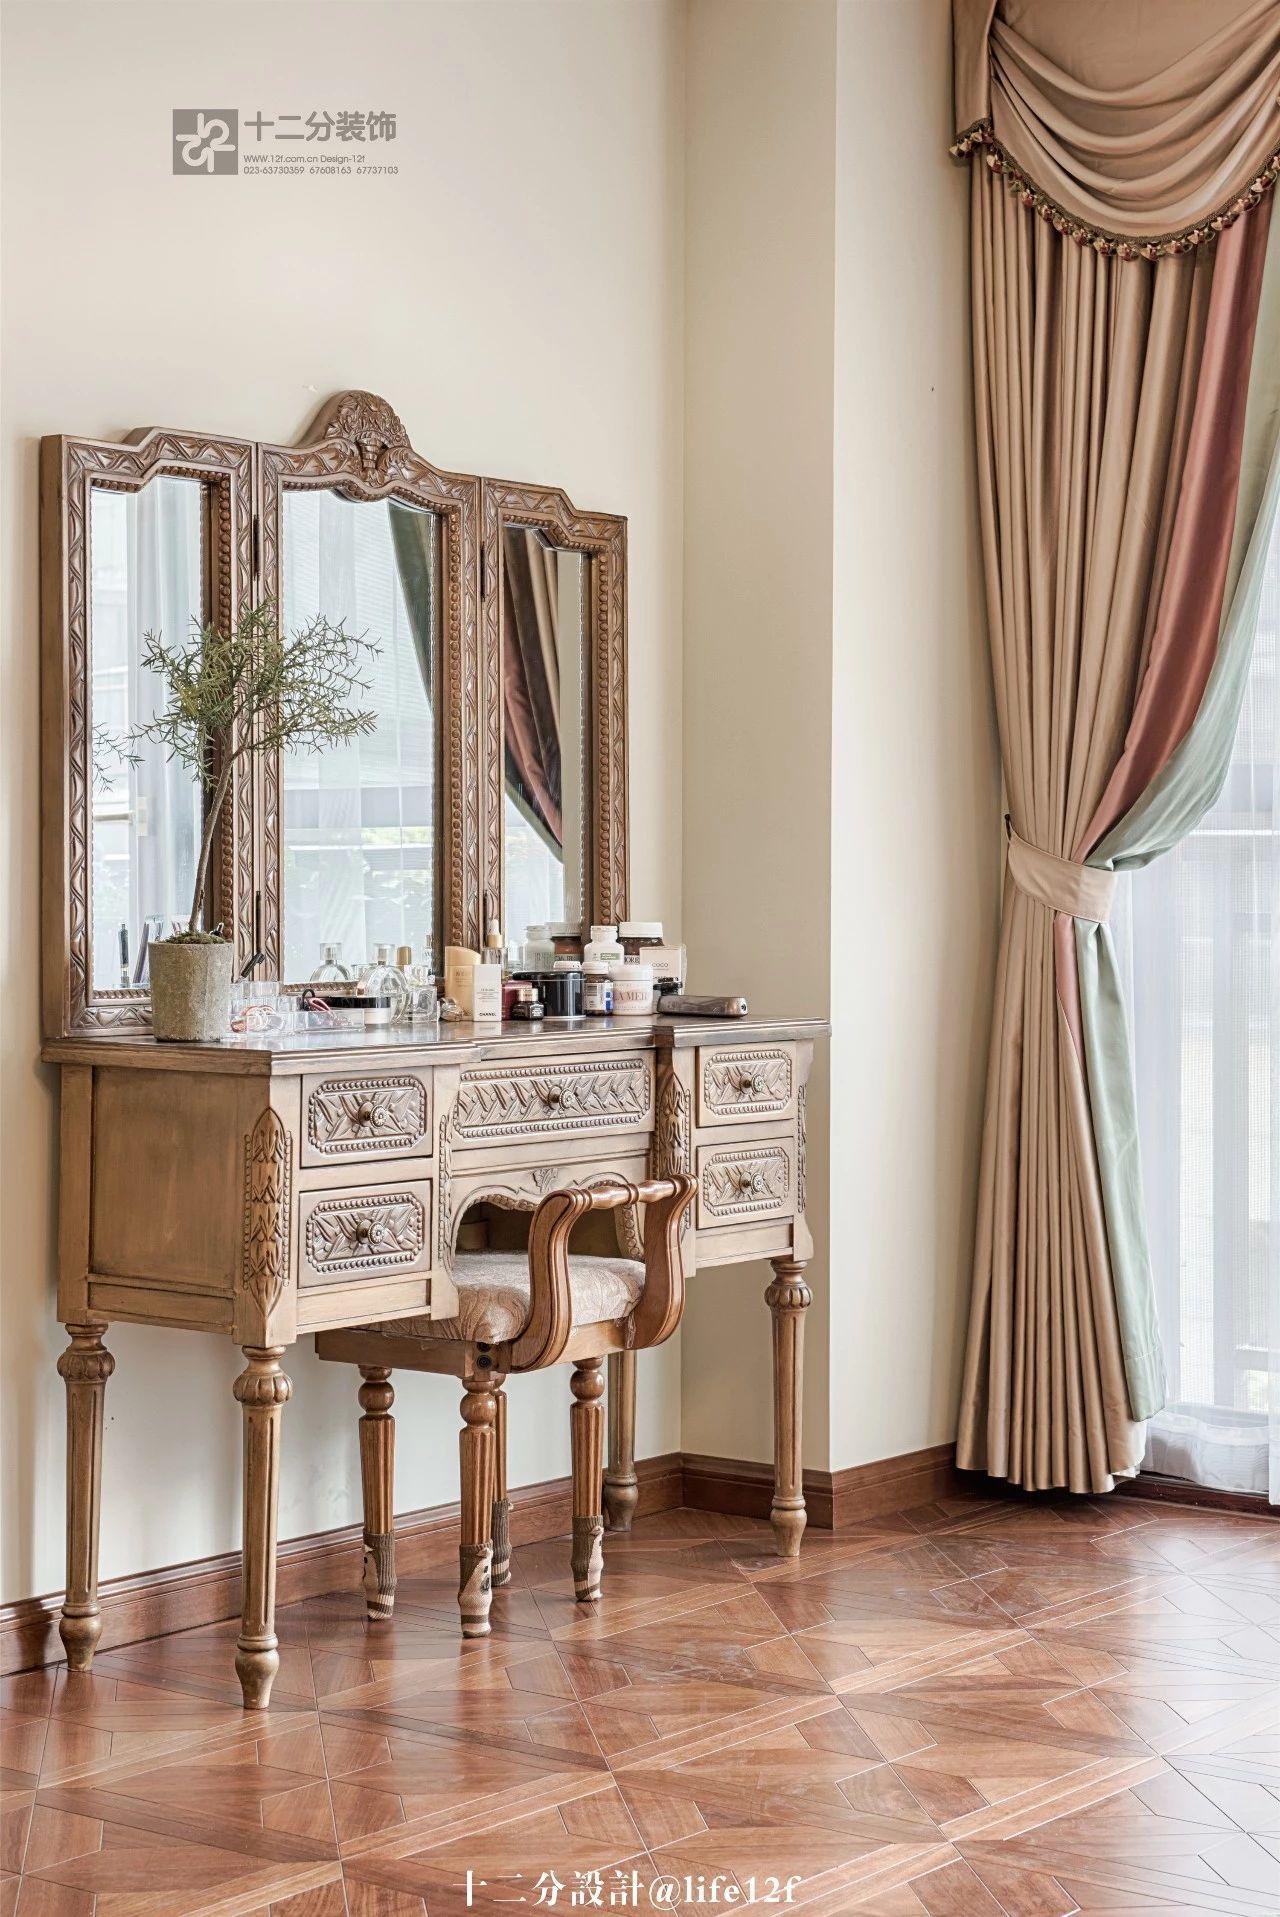 法式乡村风格别墅装修梳妆台设计图